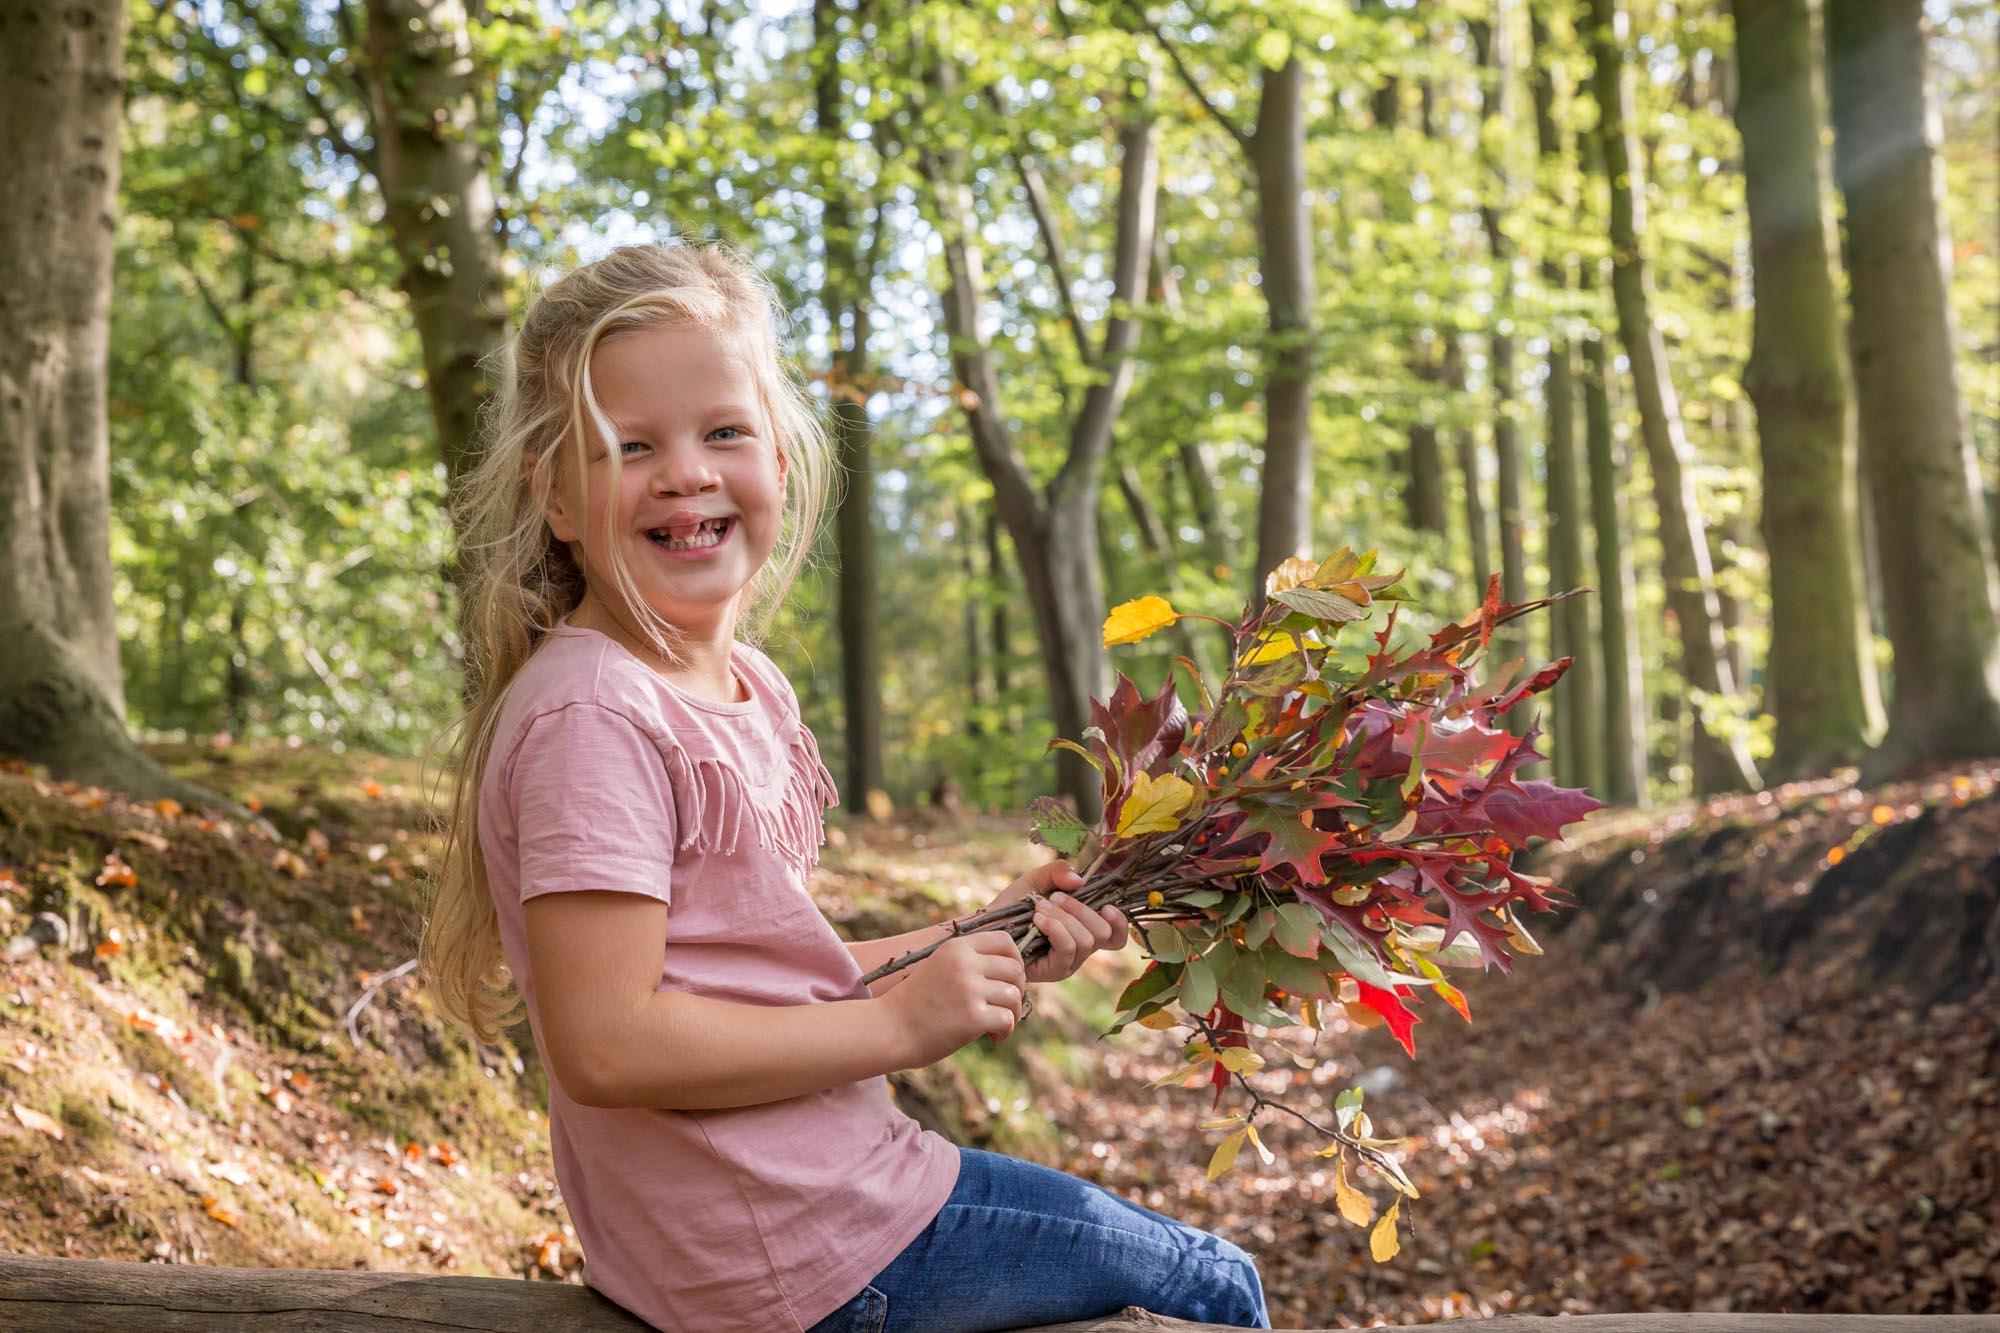 herfst portret van jong blond meisje met schisis hazenlip door mayrafotografie